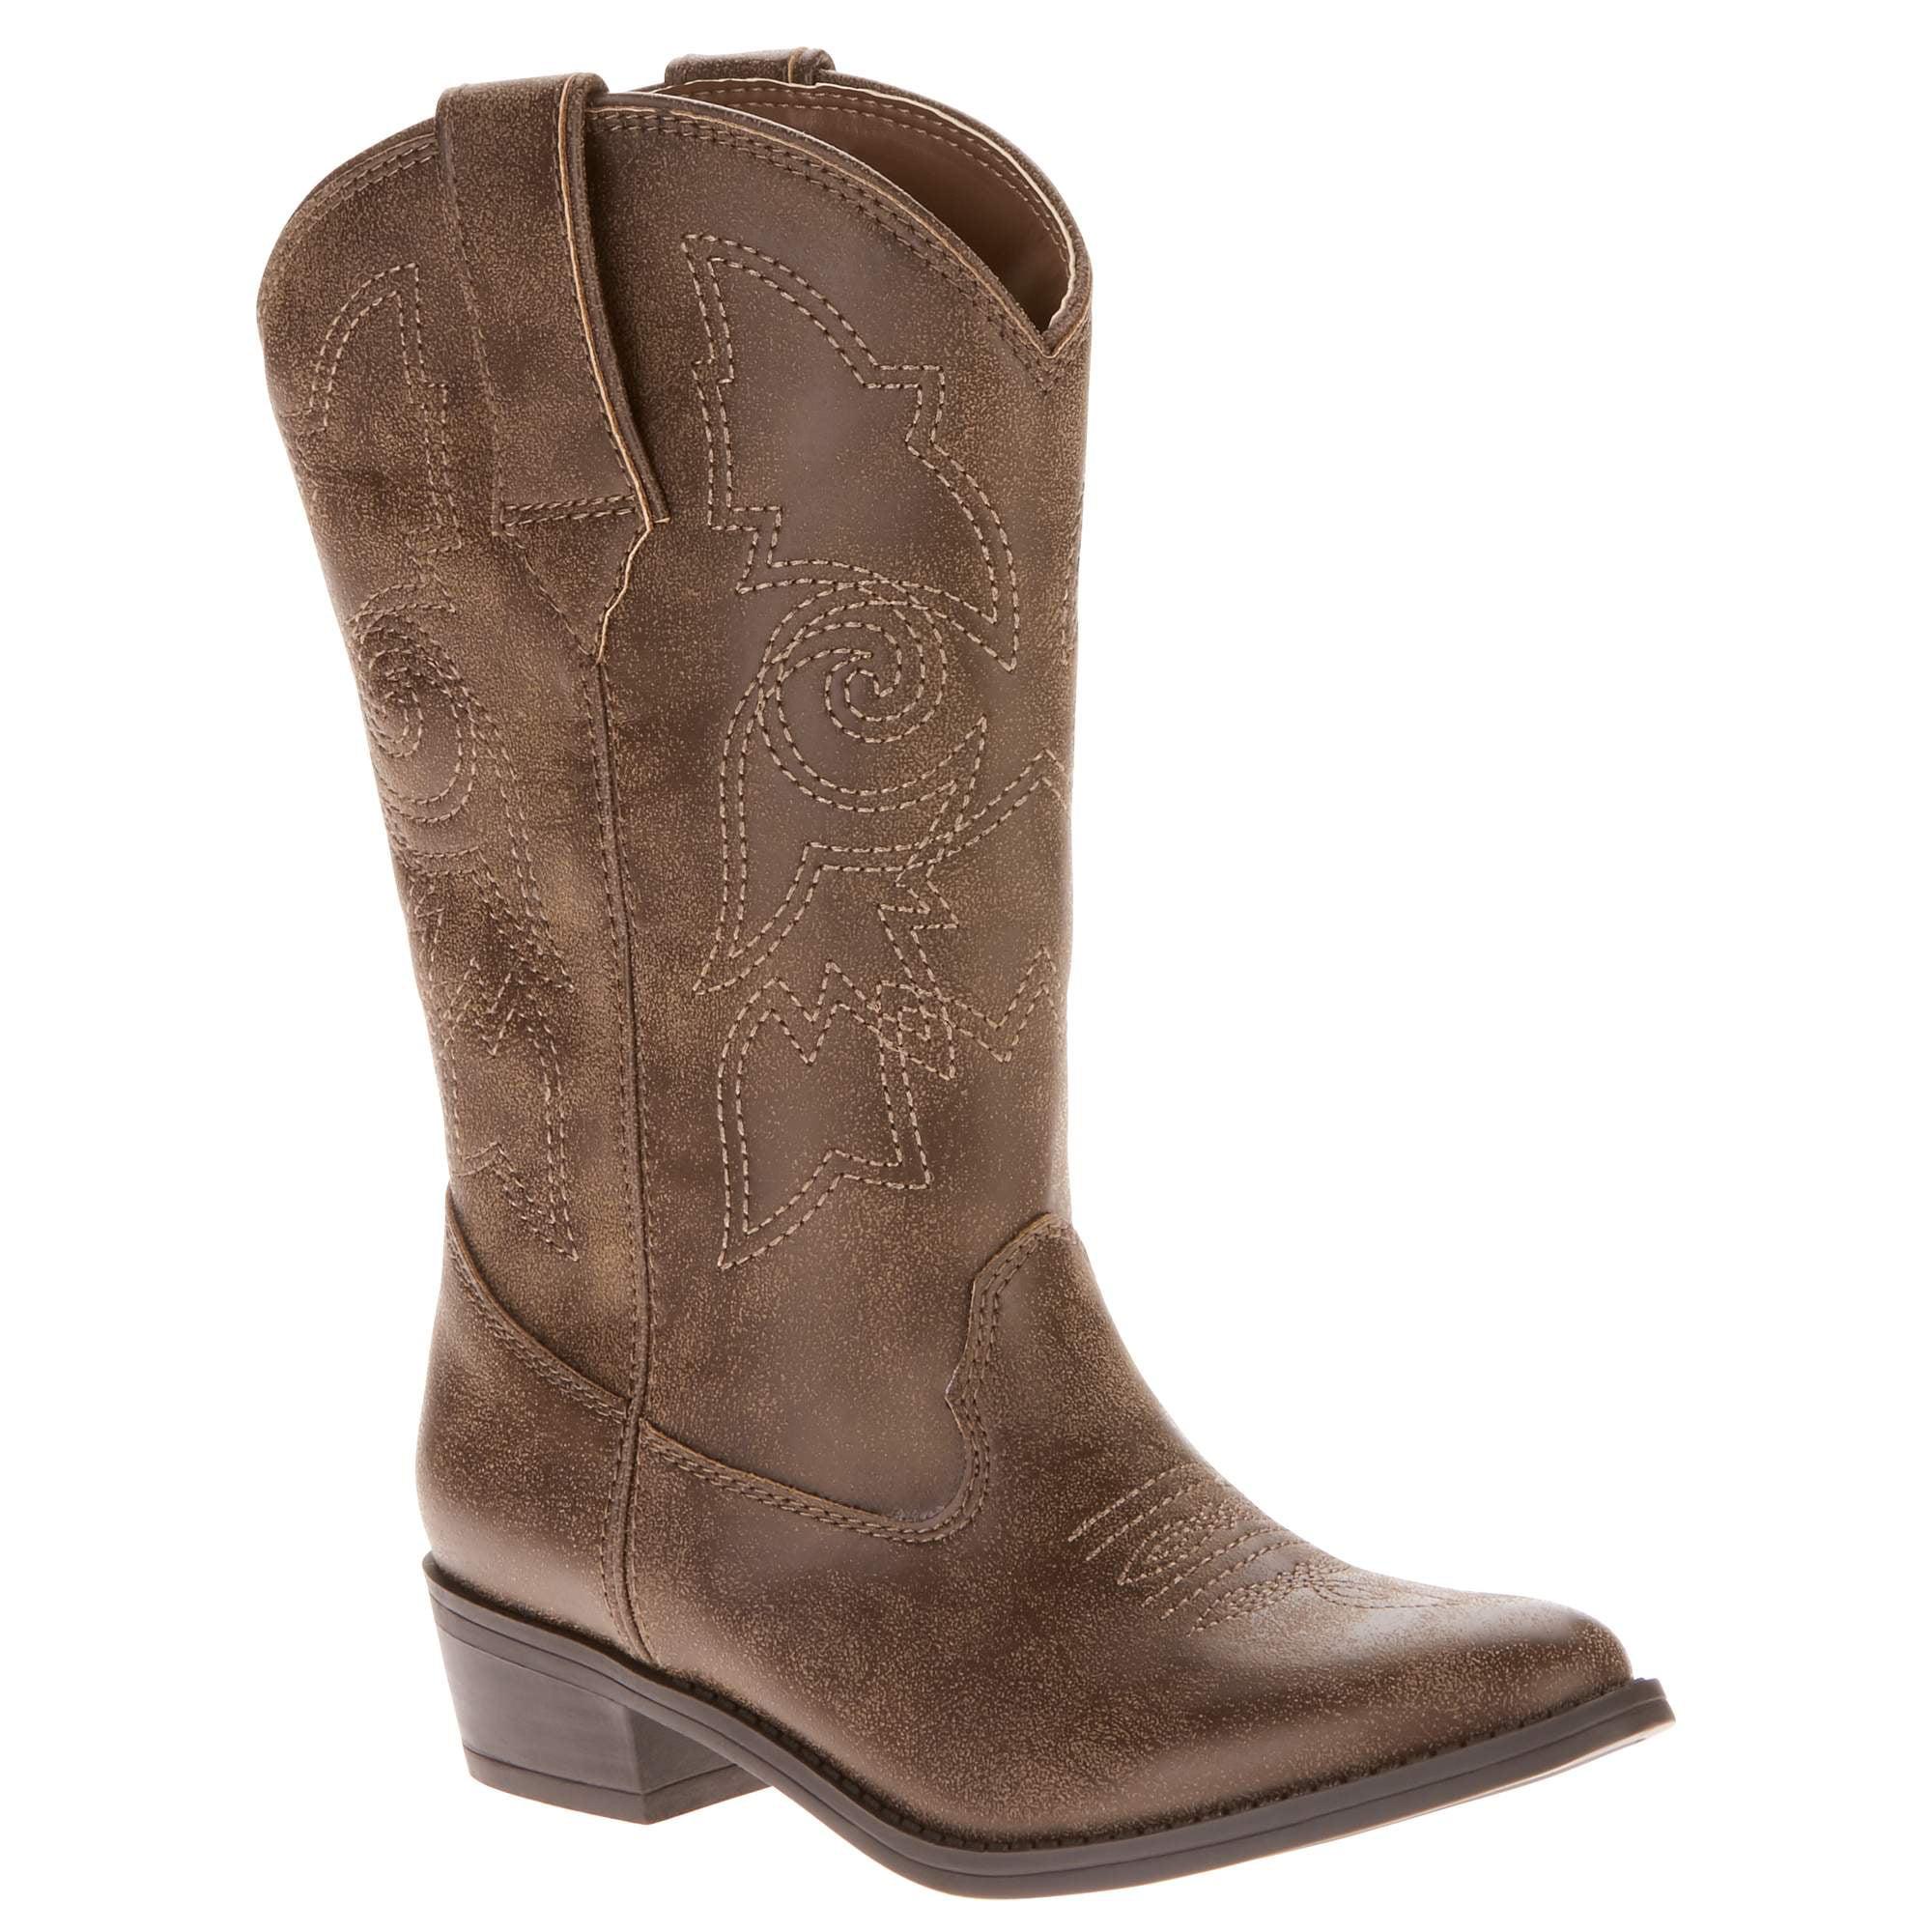 Faded Glory Girls' Cowboy Boot by FUJIAN XIN XIANG LONG FOOTWEAR CO.,LTD.